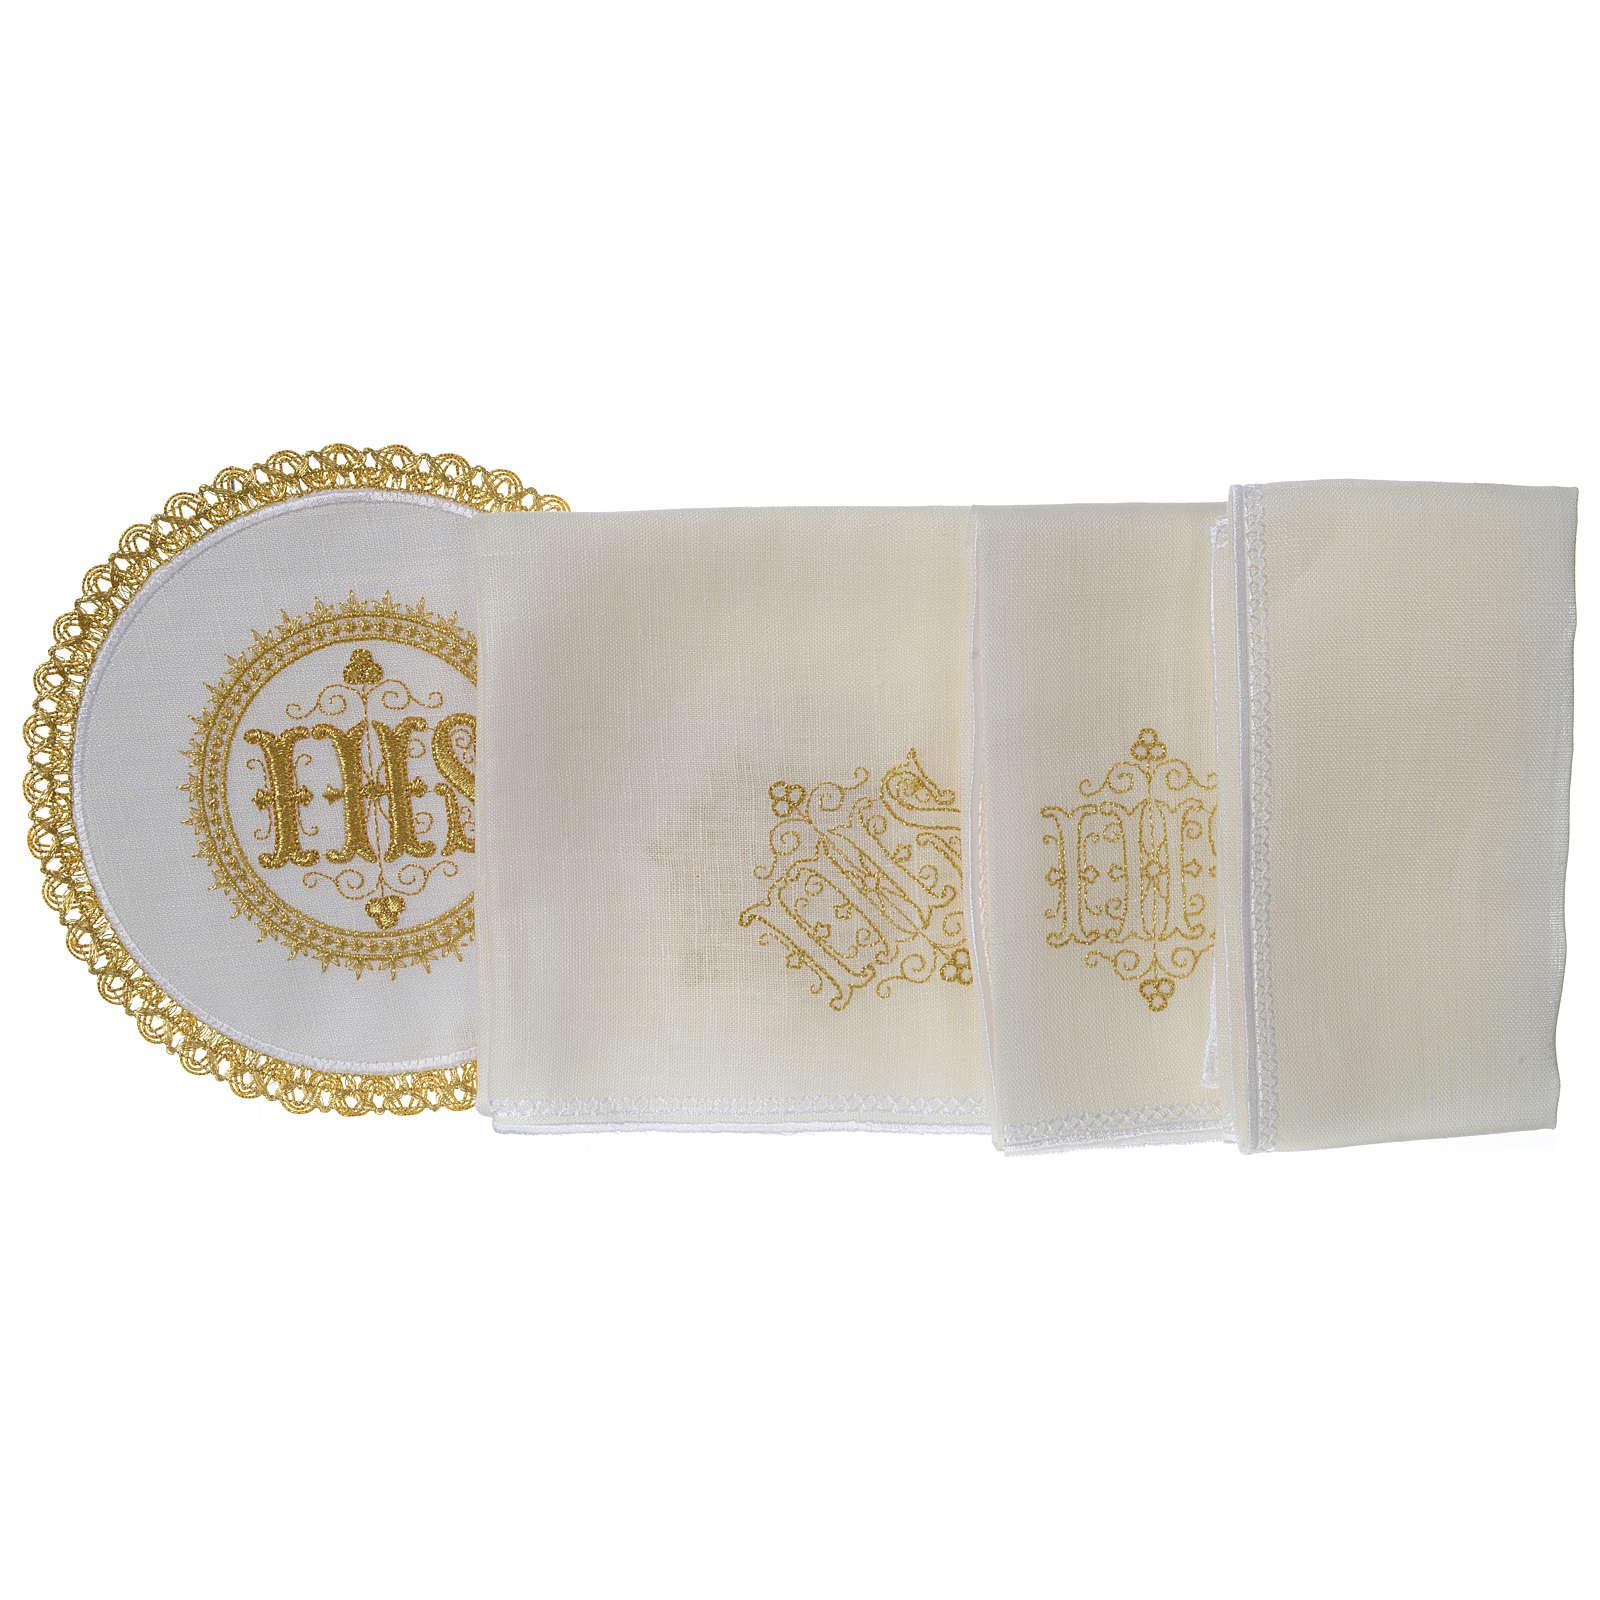 Altar linens set 100% linen IHS, round pall 4